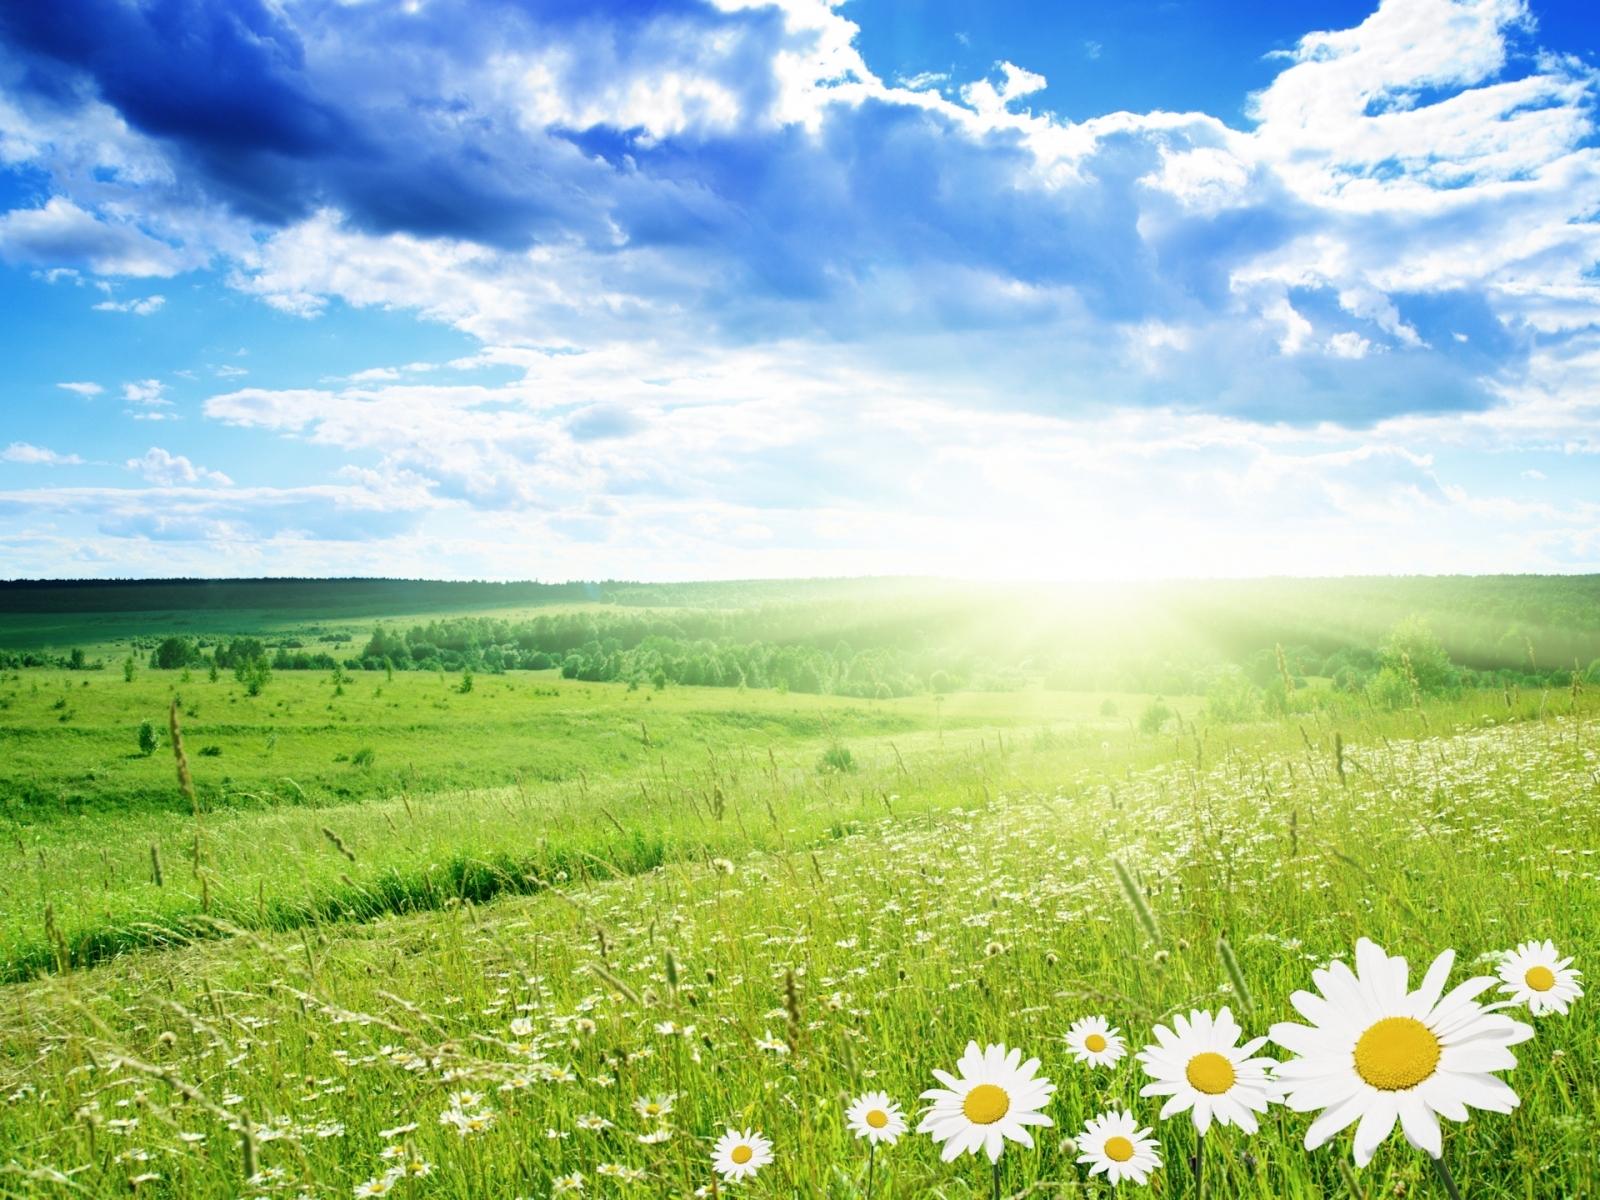 3310 скачать обои Пейзаж, Трава, Небо, Ромашки - заставки и картинки бесплатно